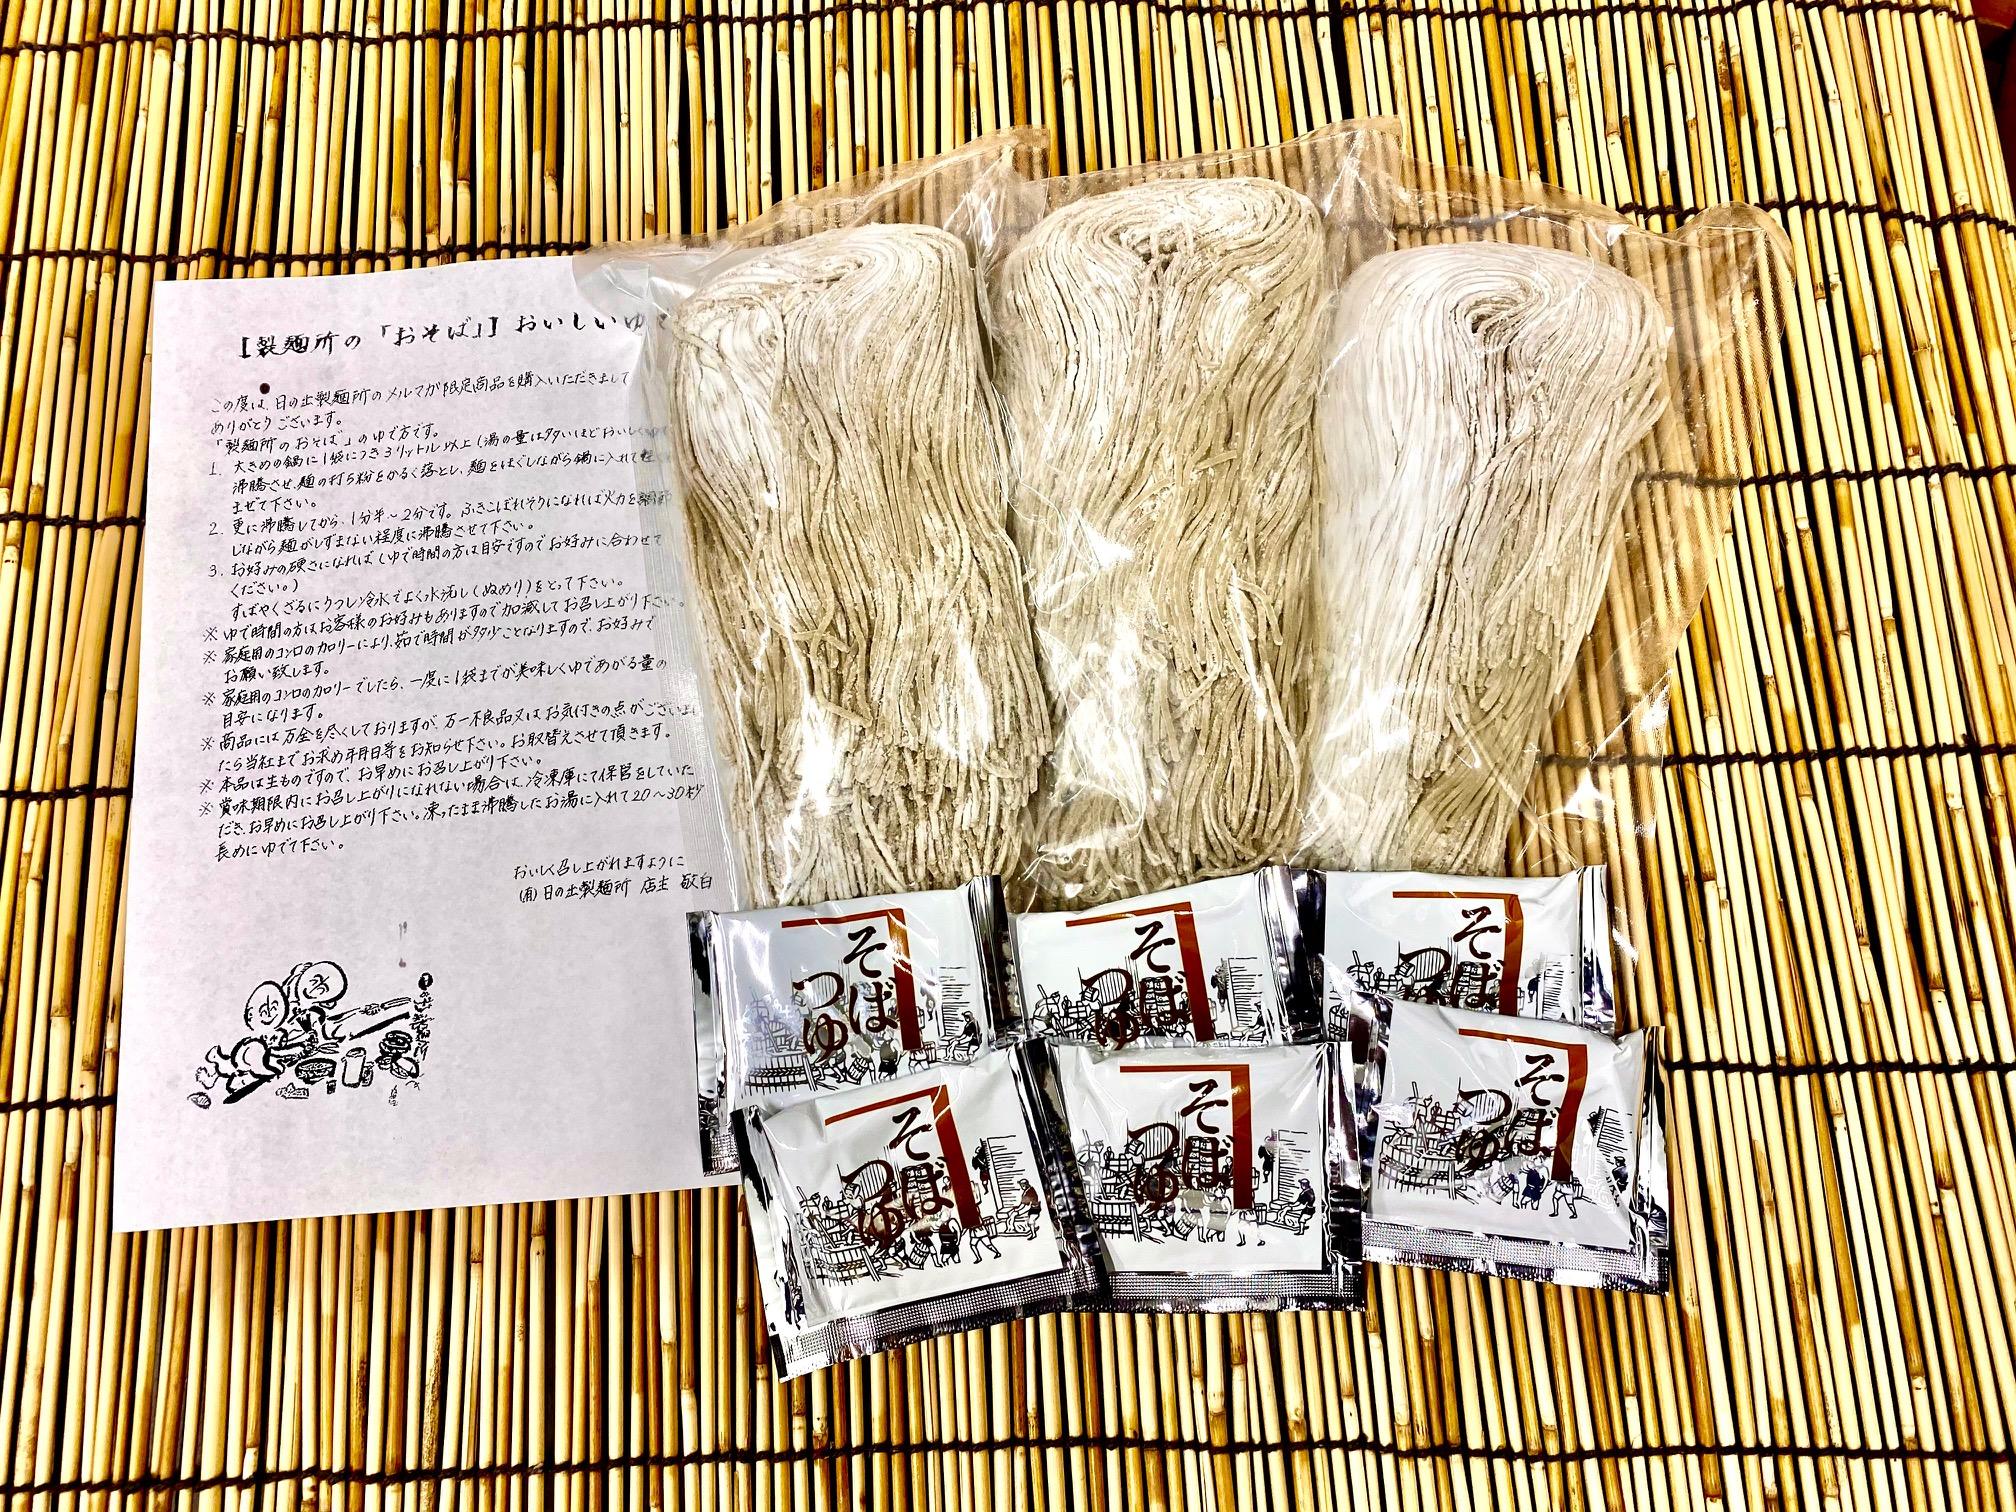 香川県綾川町産そば粉使用そば 240g×3袋 鎌田醤油のそばつゆ 6食分